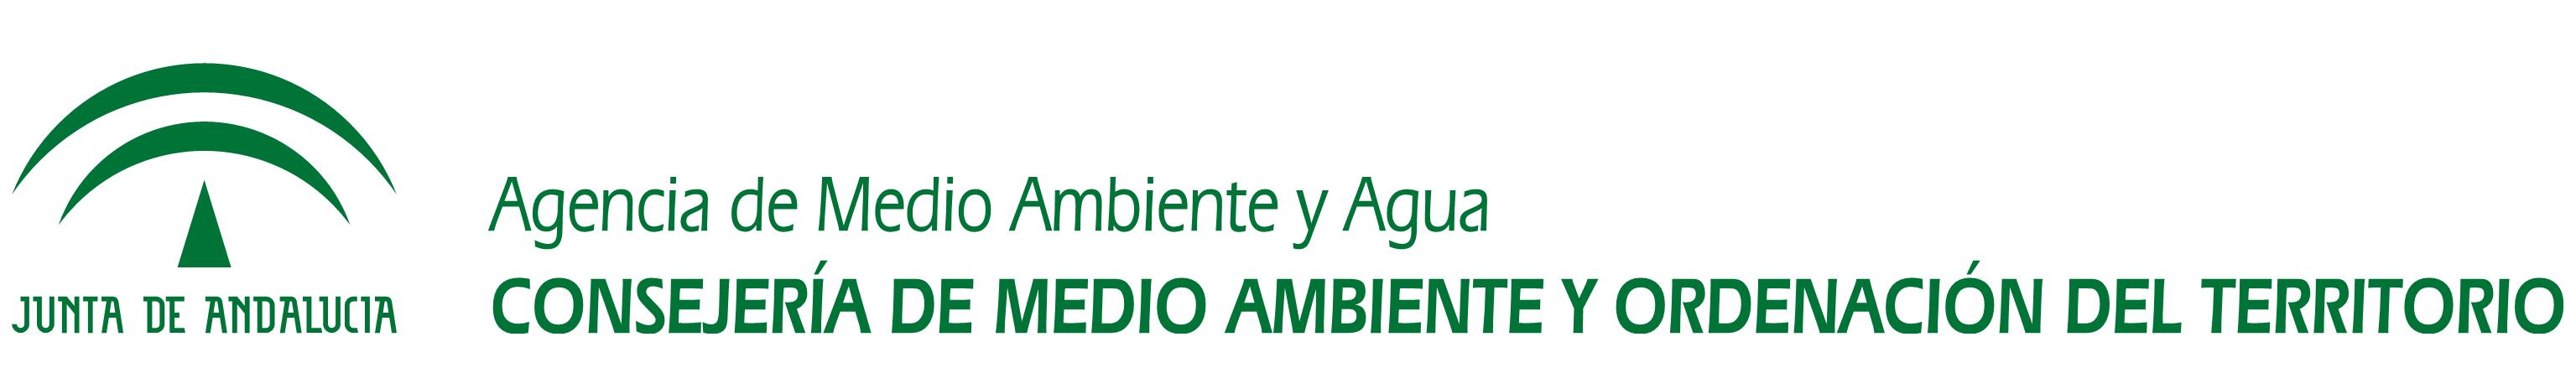 Agencia Medio Ambiente y Agua - Junta de Andalucía